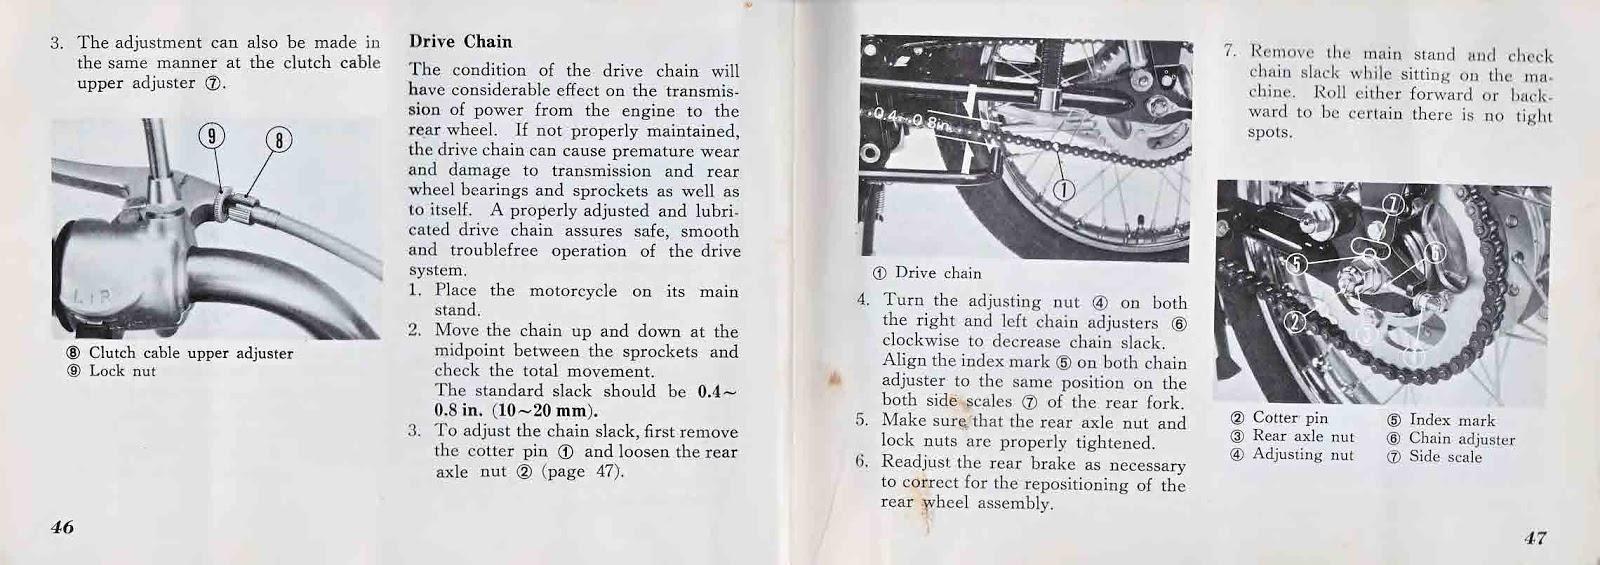 2013 honda sabre owners manual